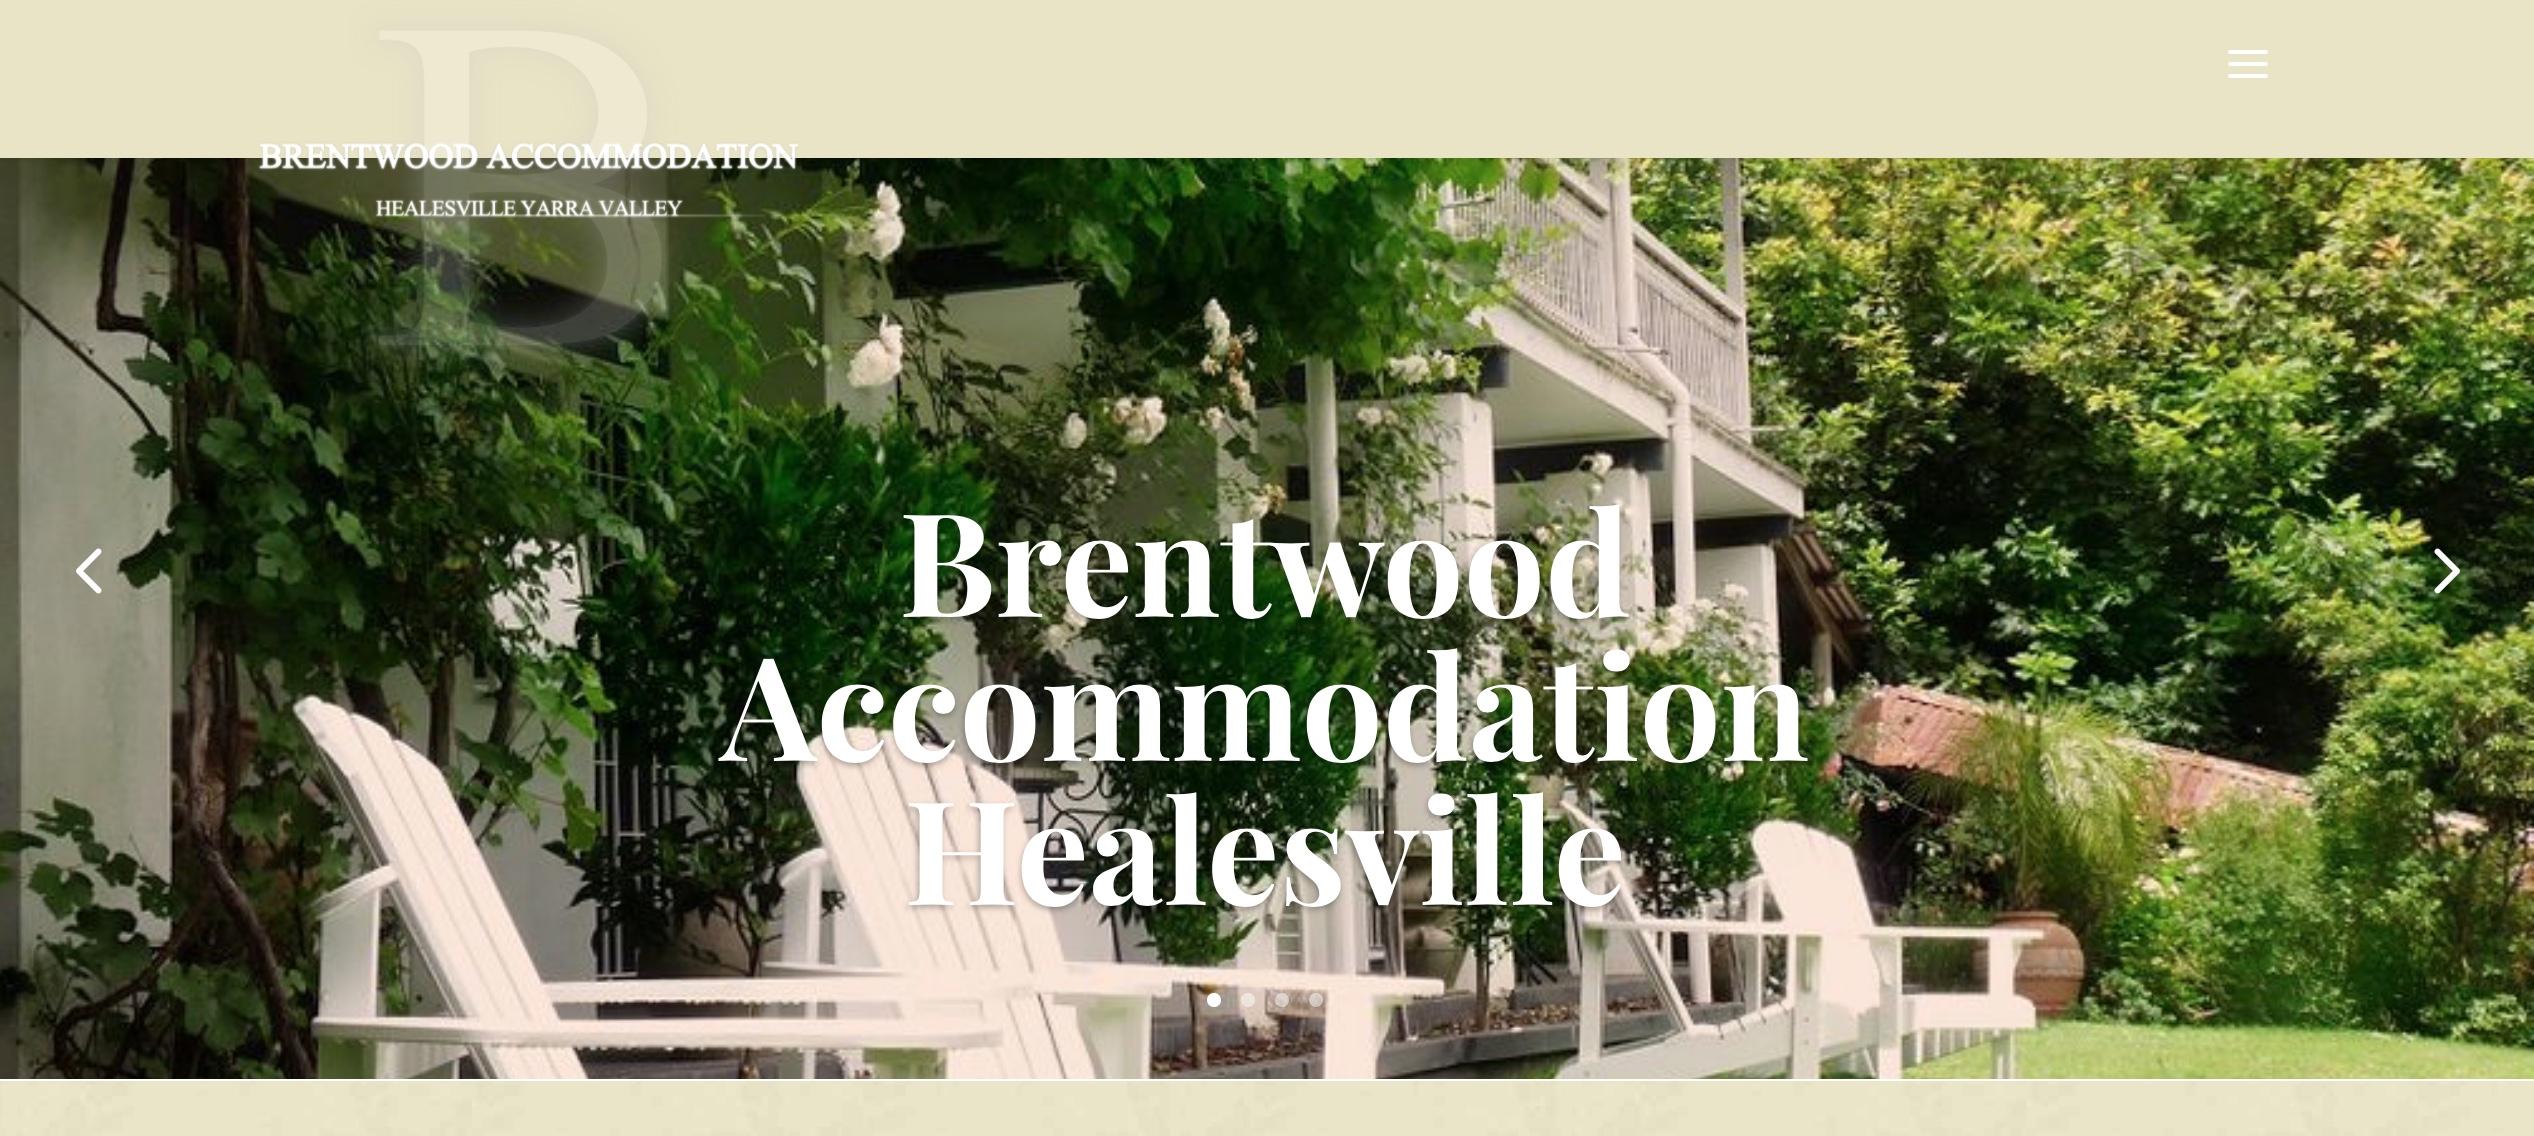 brentwoodaccommodation